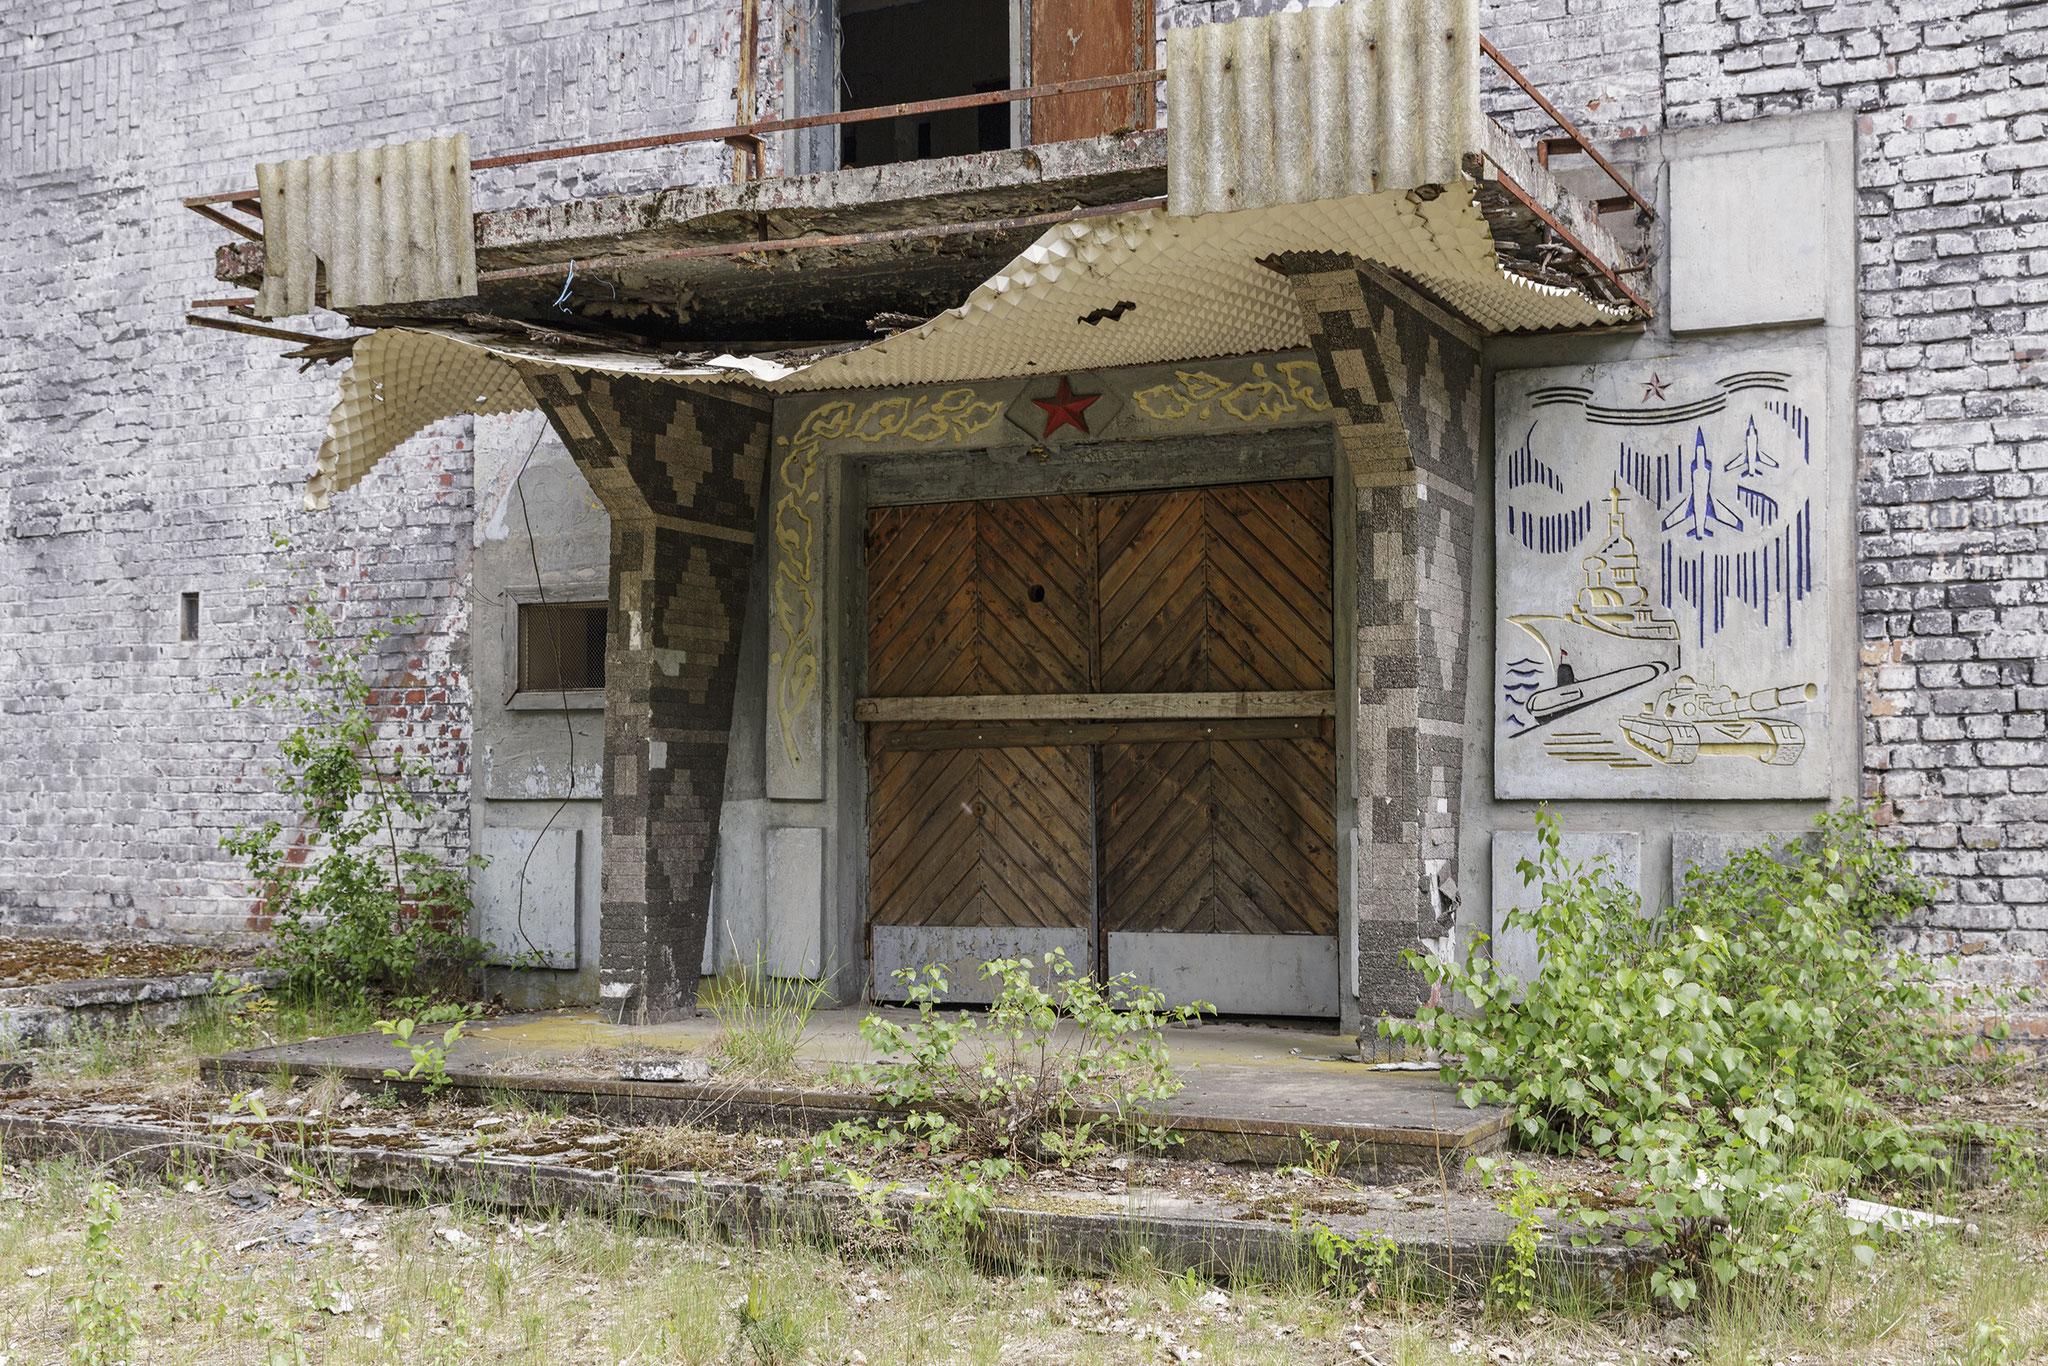 Repair facility, 2019